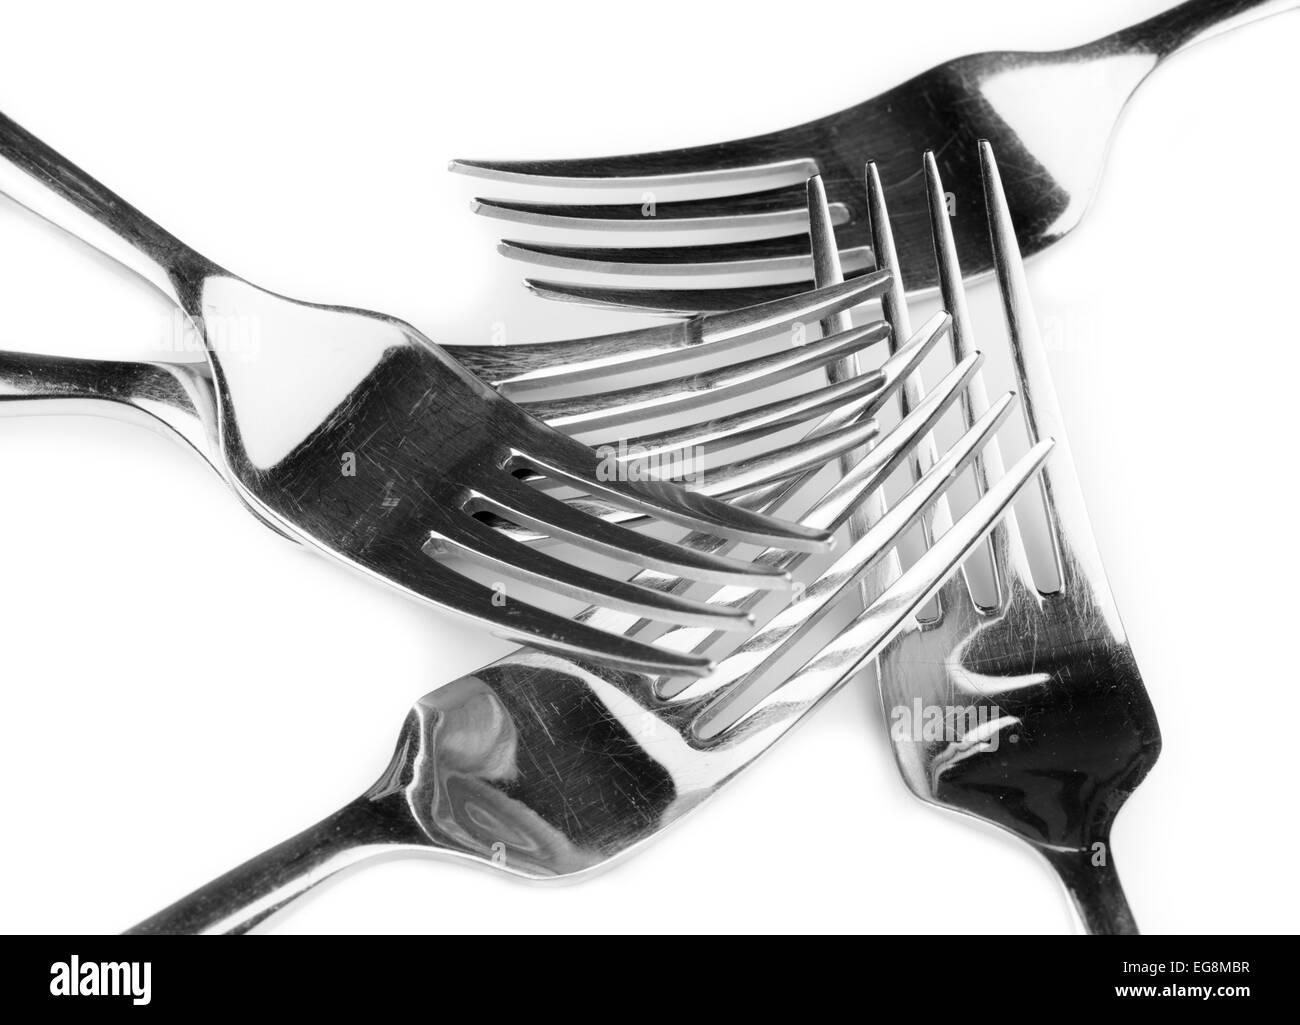 Varias horquillas de acero inoxidable sobre un fondo blanco. Imagen De Stock